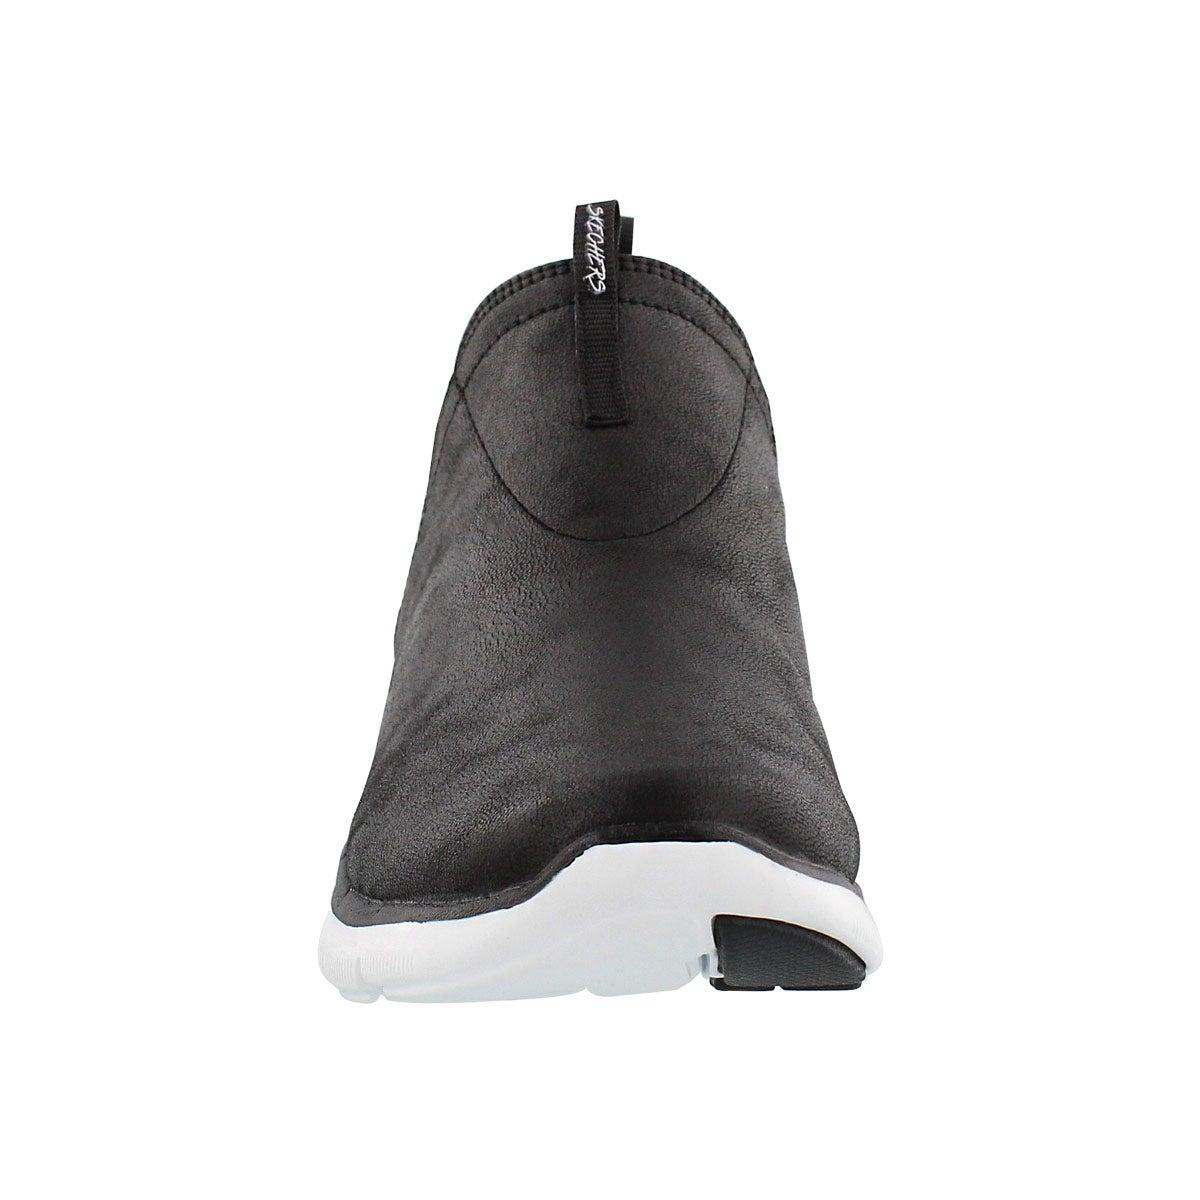 Skechers-Women-039-s-Flex-Appeal-2-0-Done-Deal-Double-Gore-Slip-On-High-Top-Sneaker